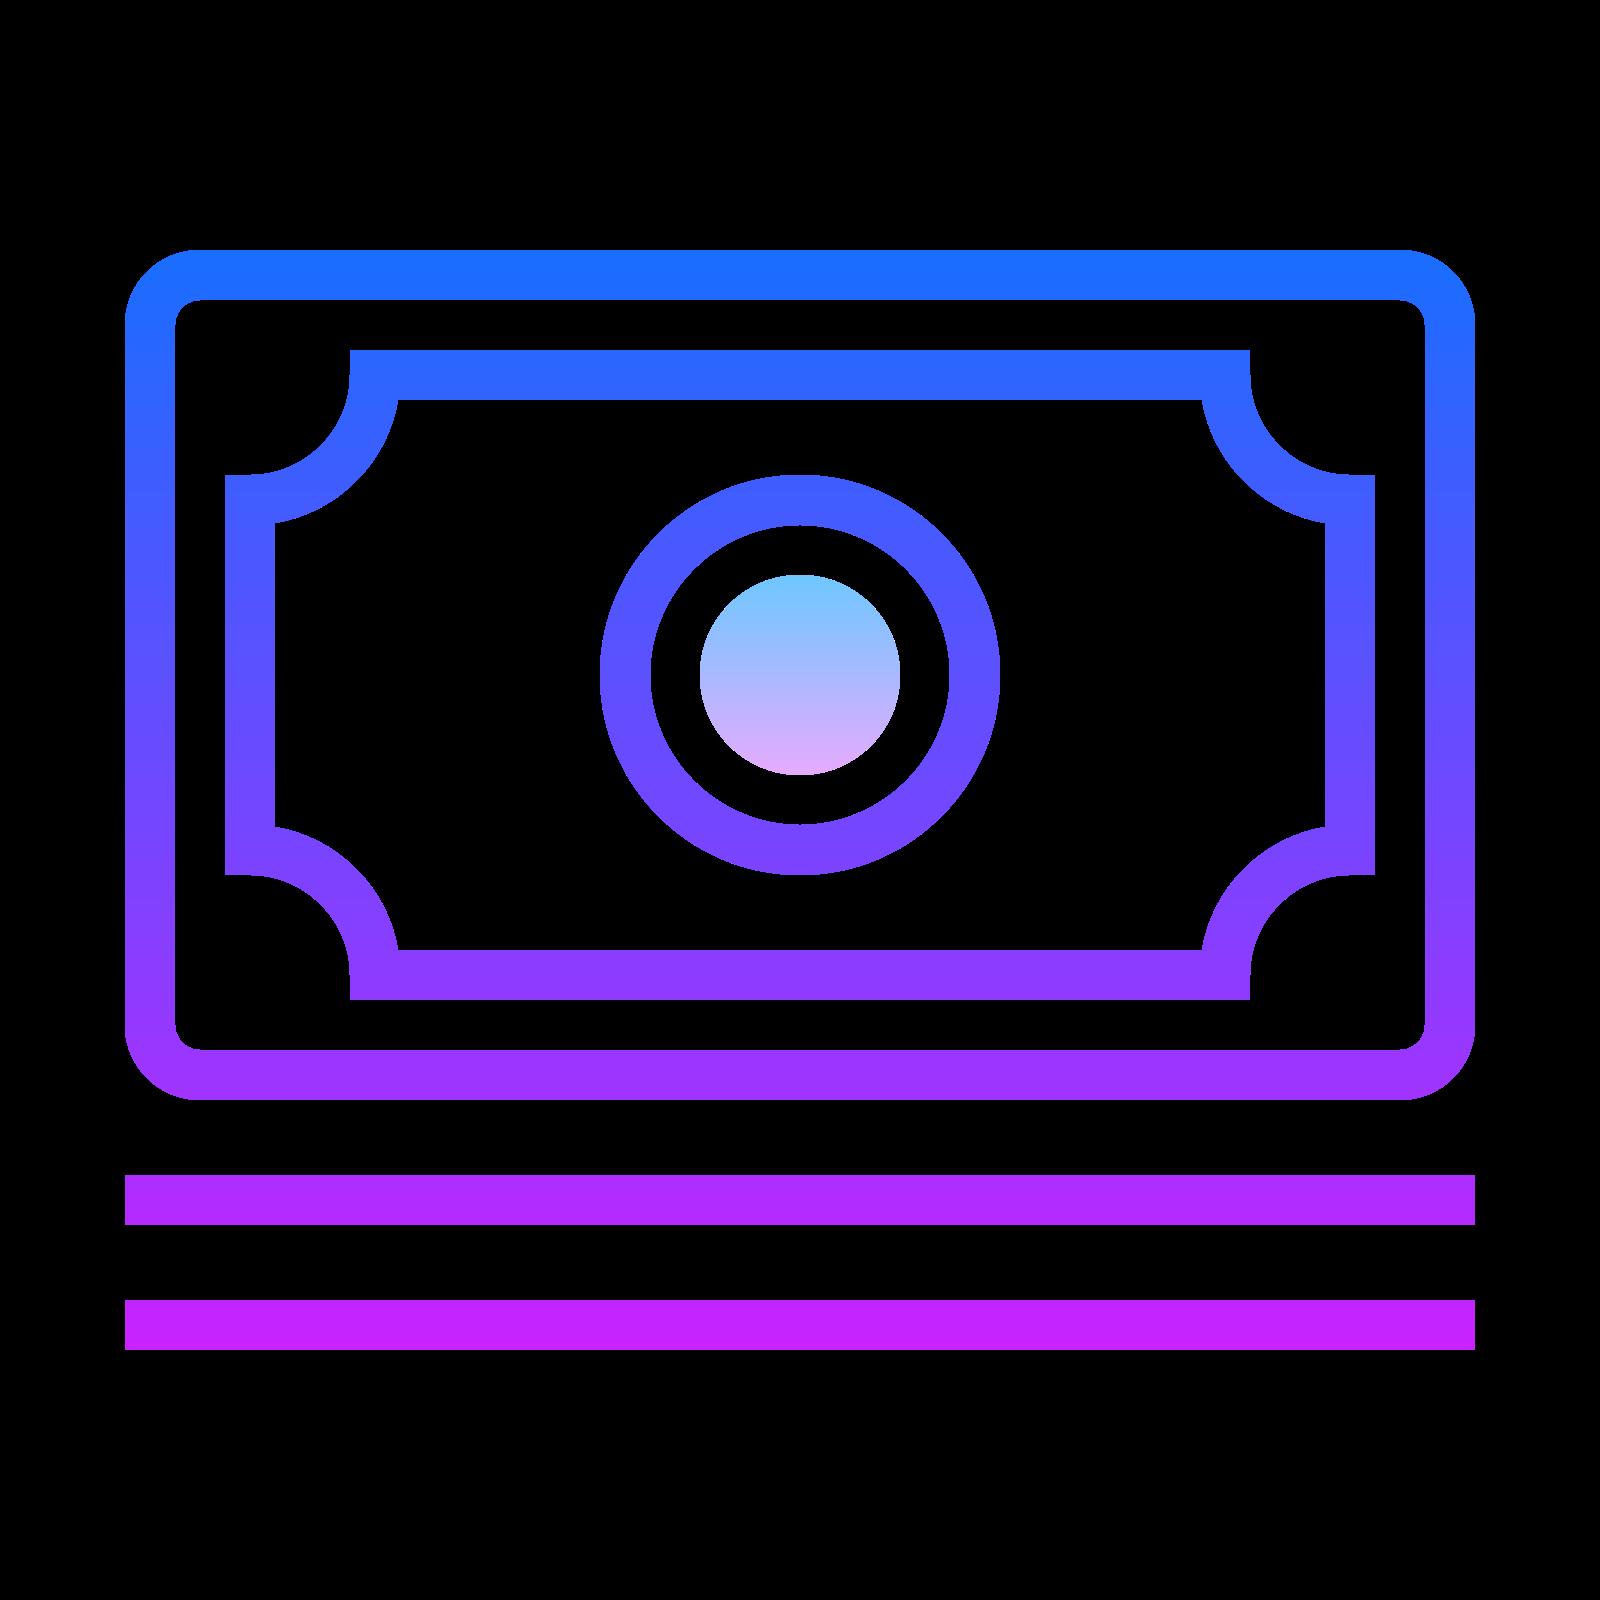 一堆钱 icon